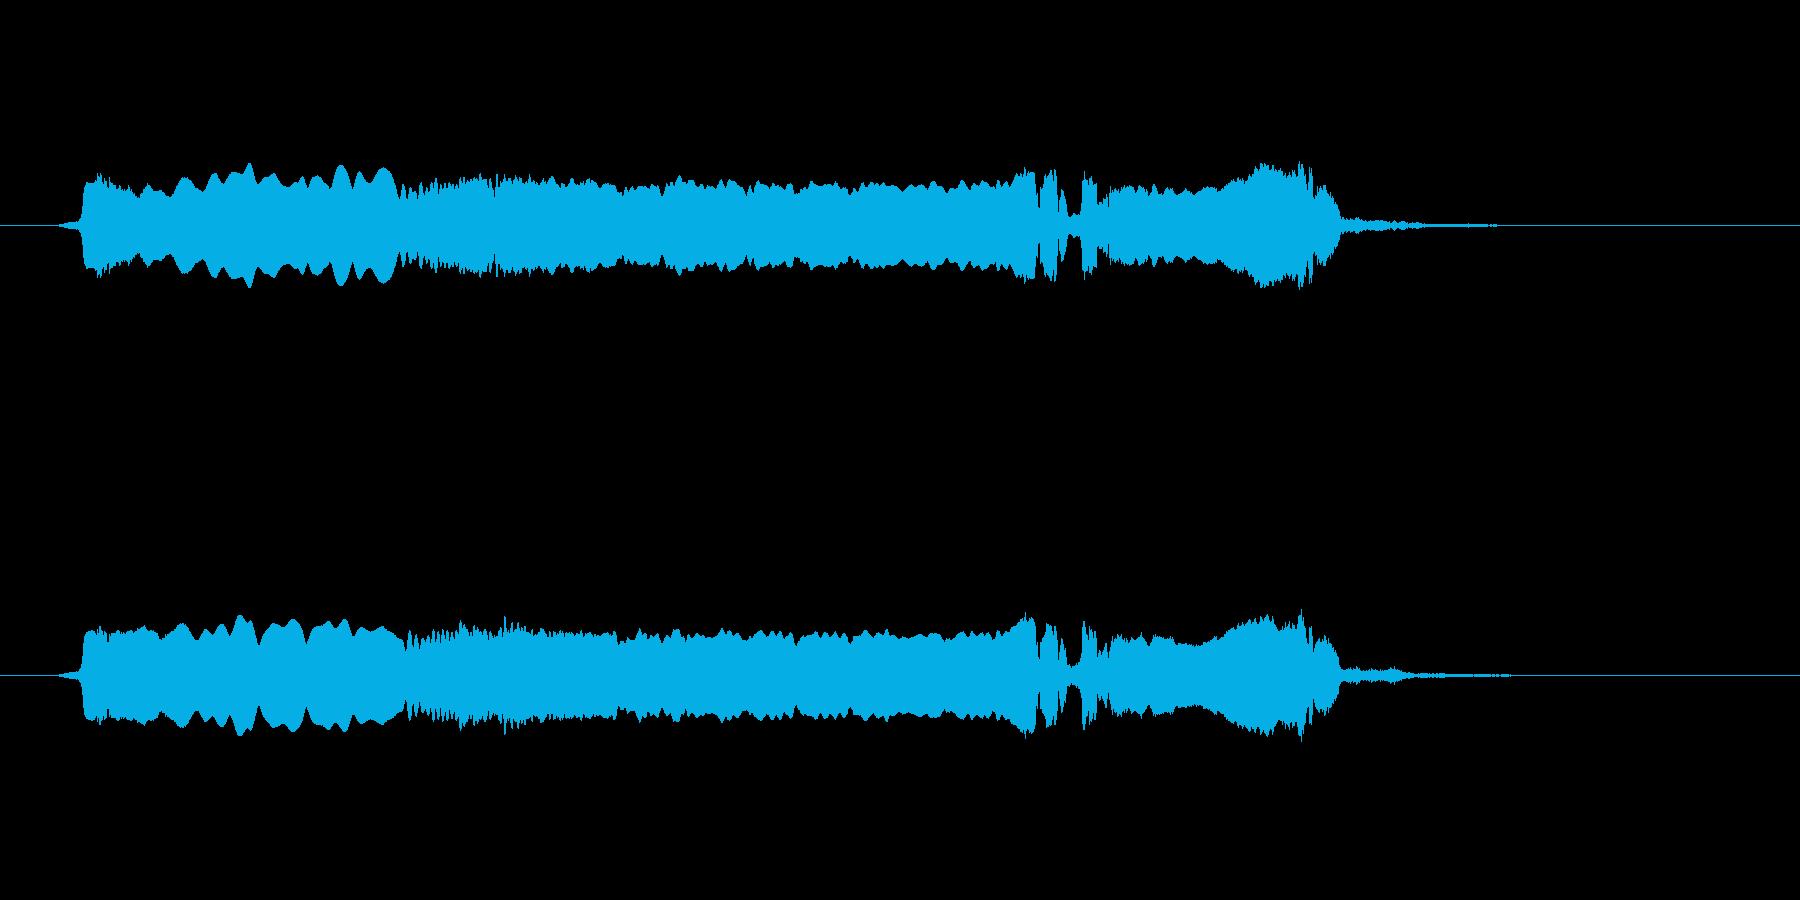 篠笛生演奏の勢いあるジングル02の再生済みの波形